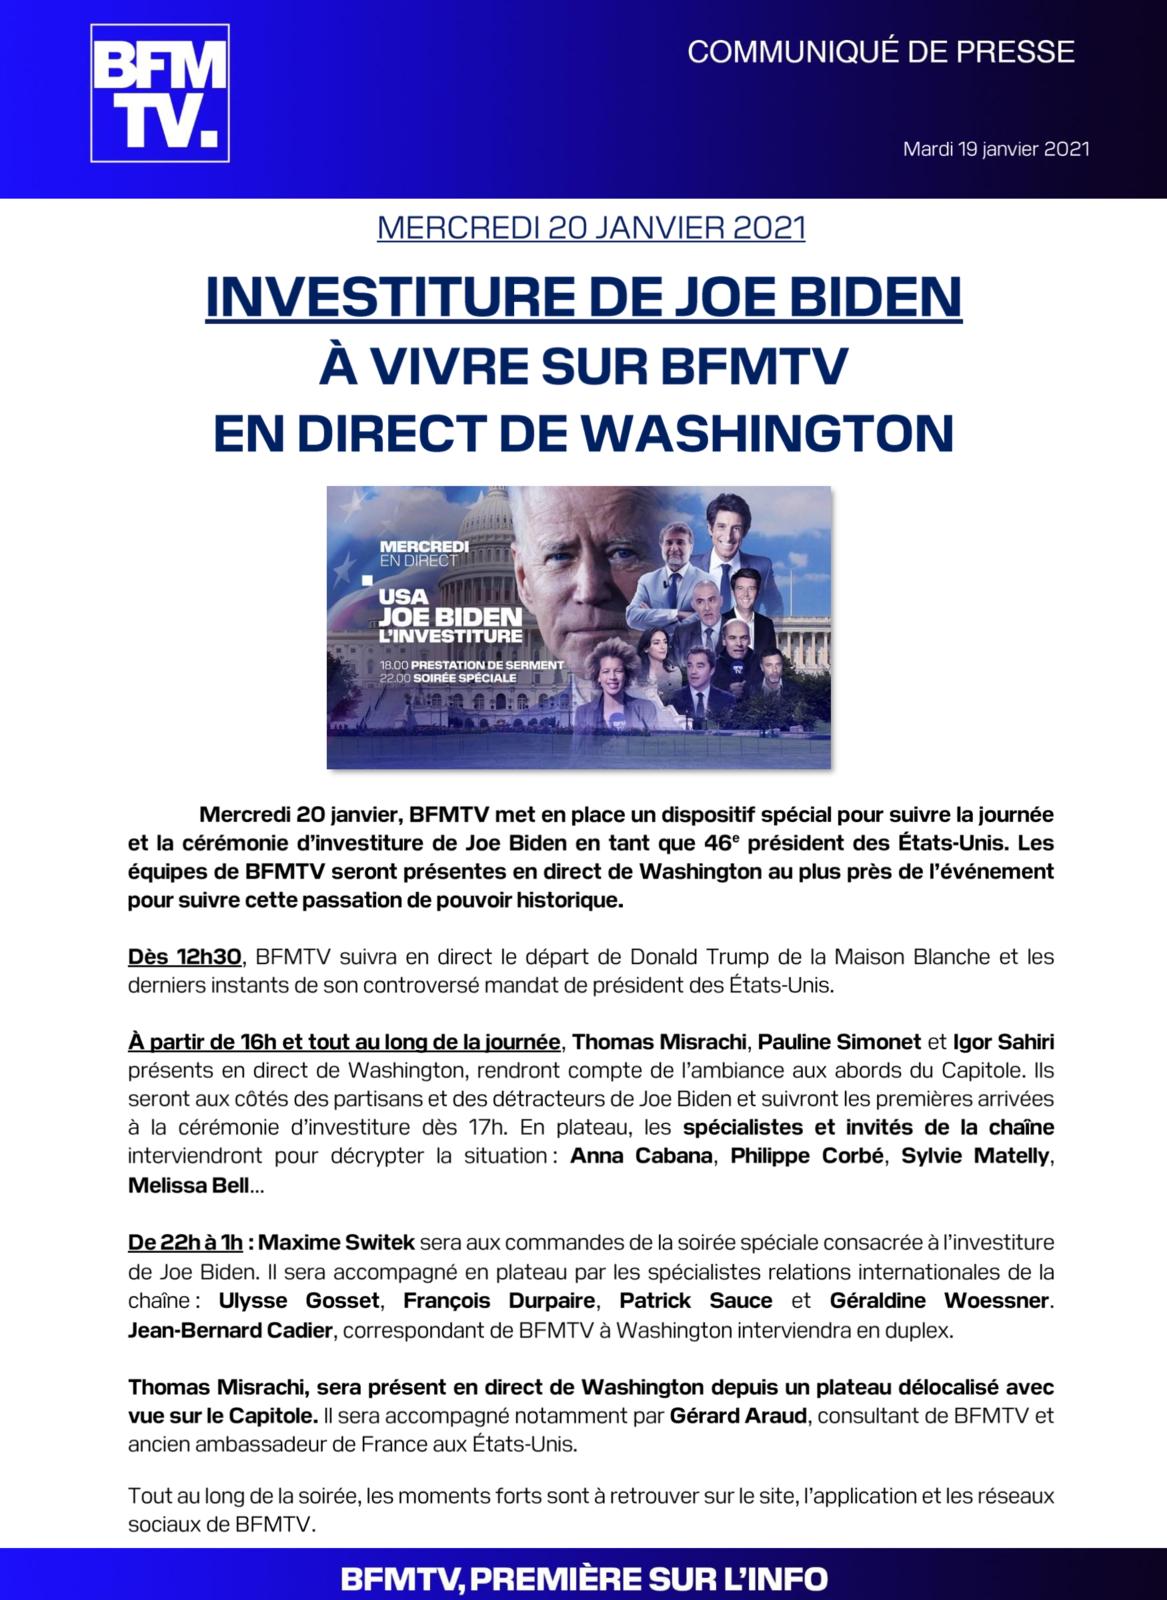 Investiture de Joe Biden ce mercredi à Washington : le dispositif de LCI, CNews et BFMTV.